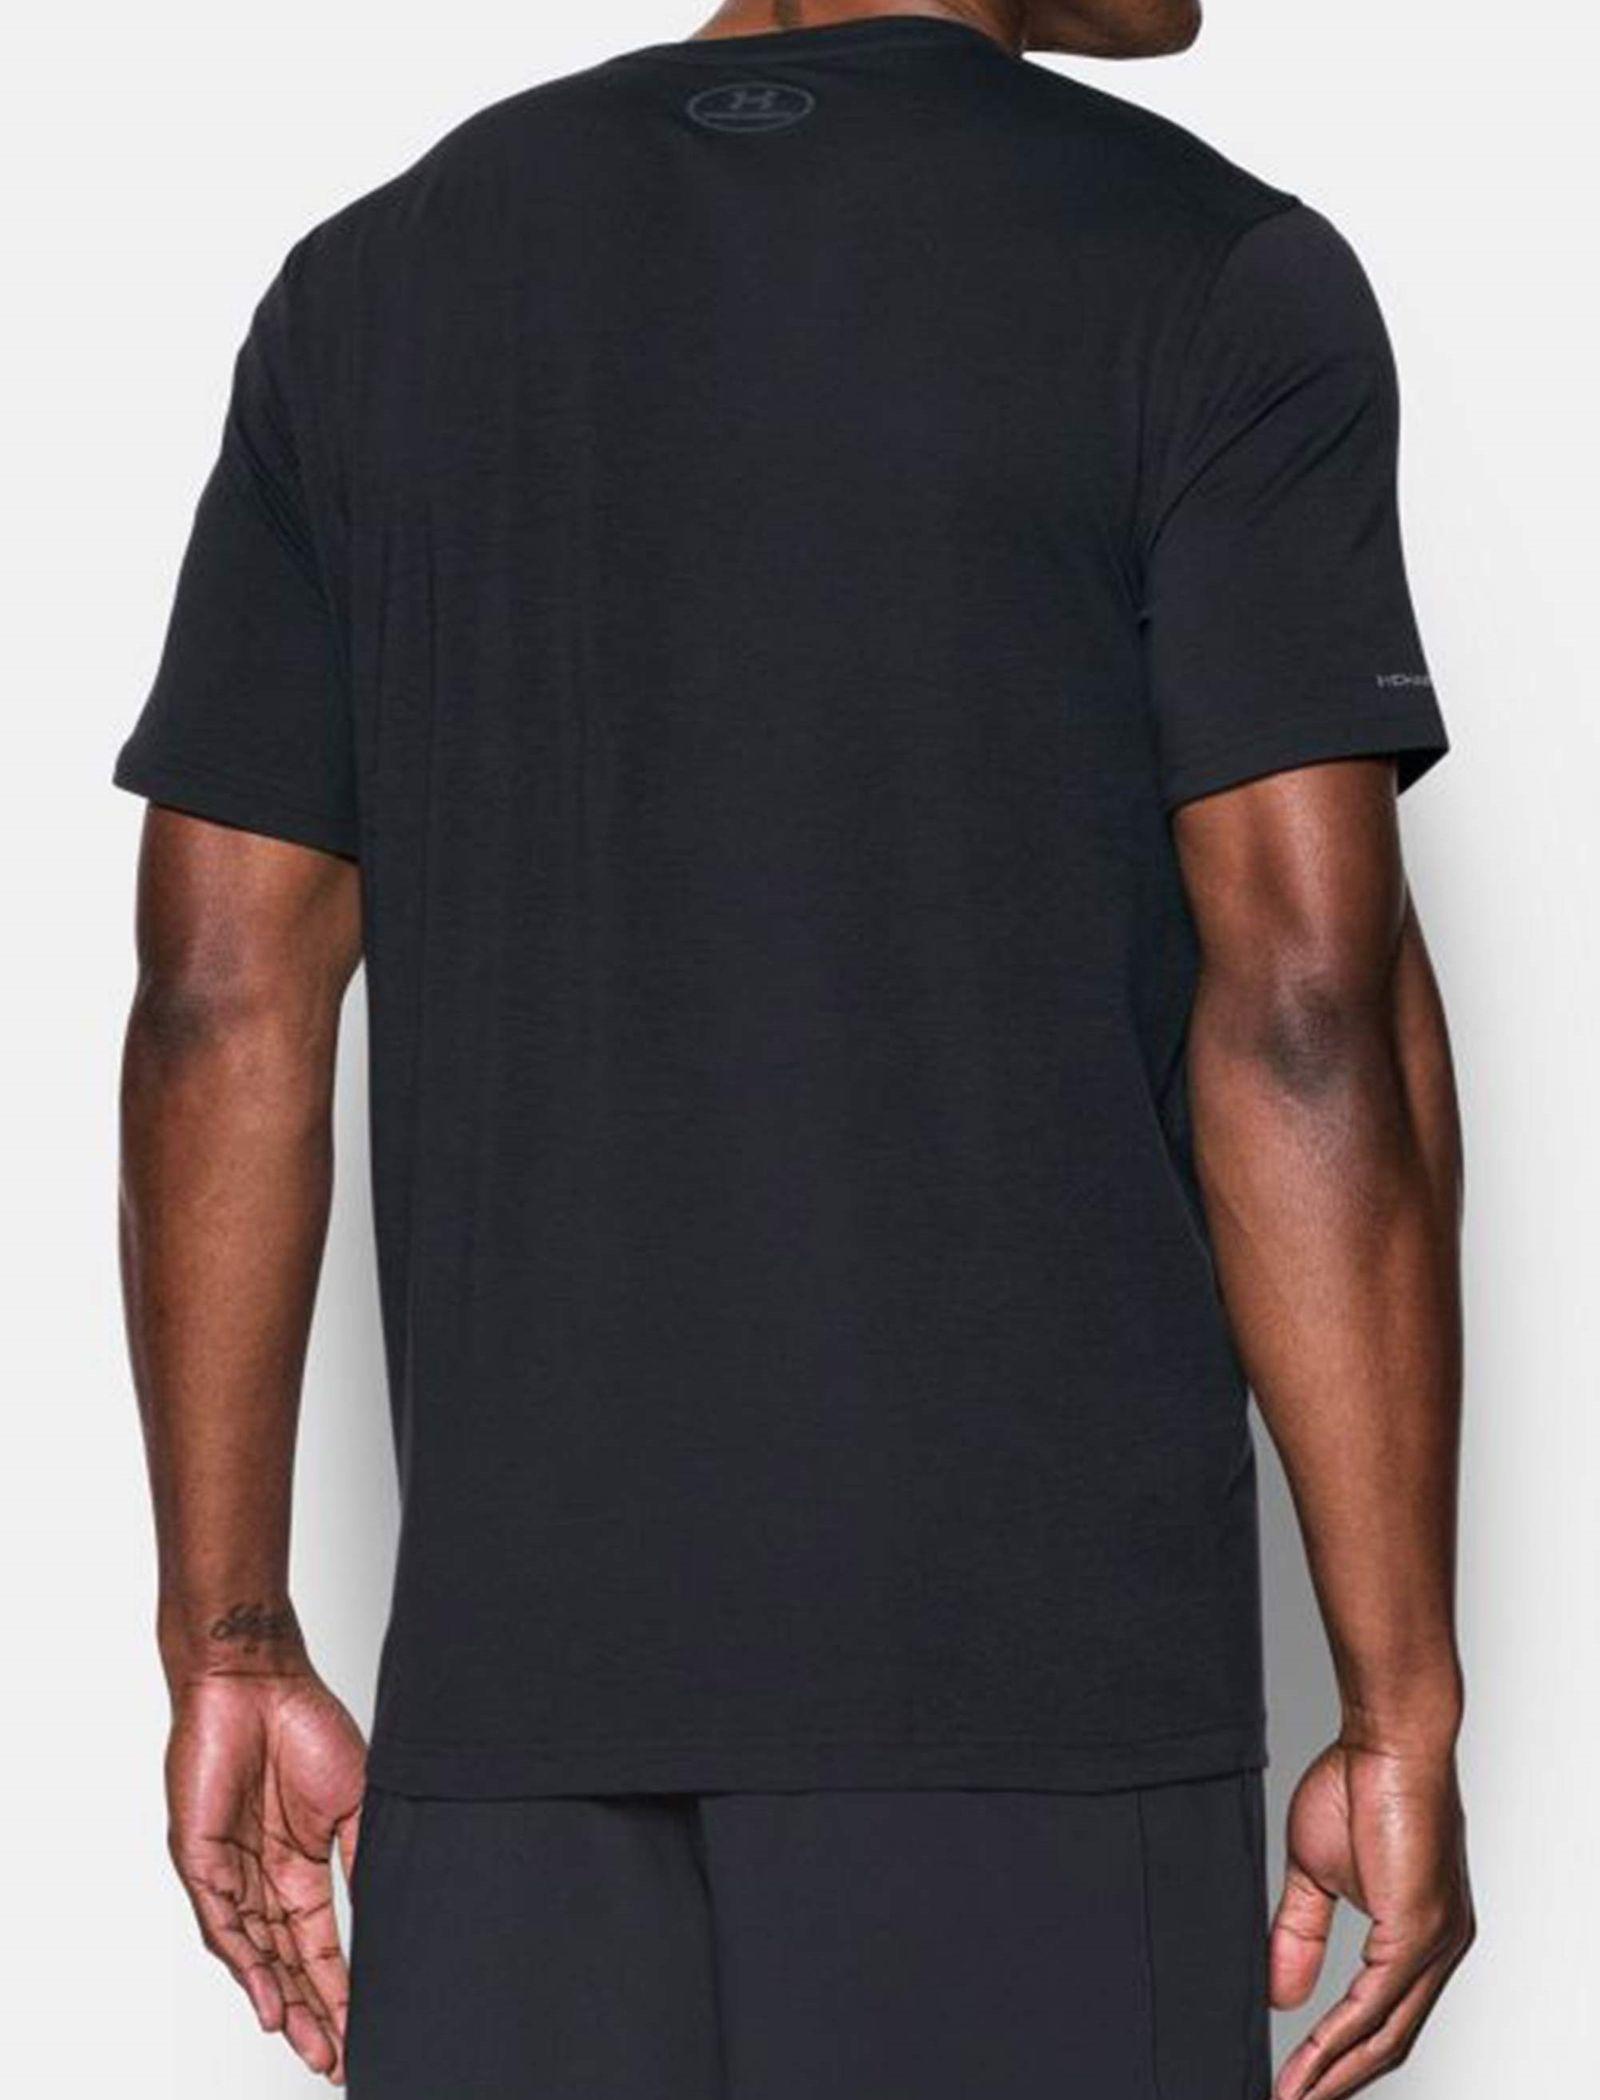 تی شرت نخی یقه گرد مردانه - آندر آرمور - طوسي و مشکي - 4